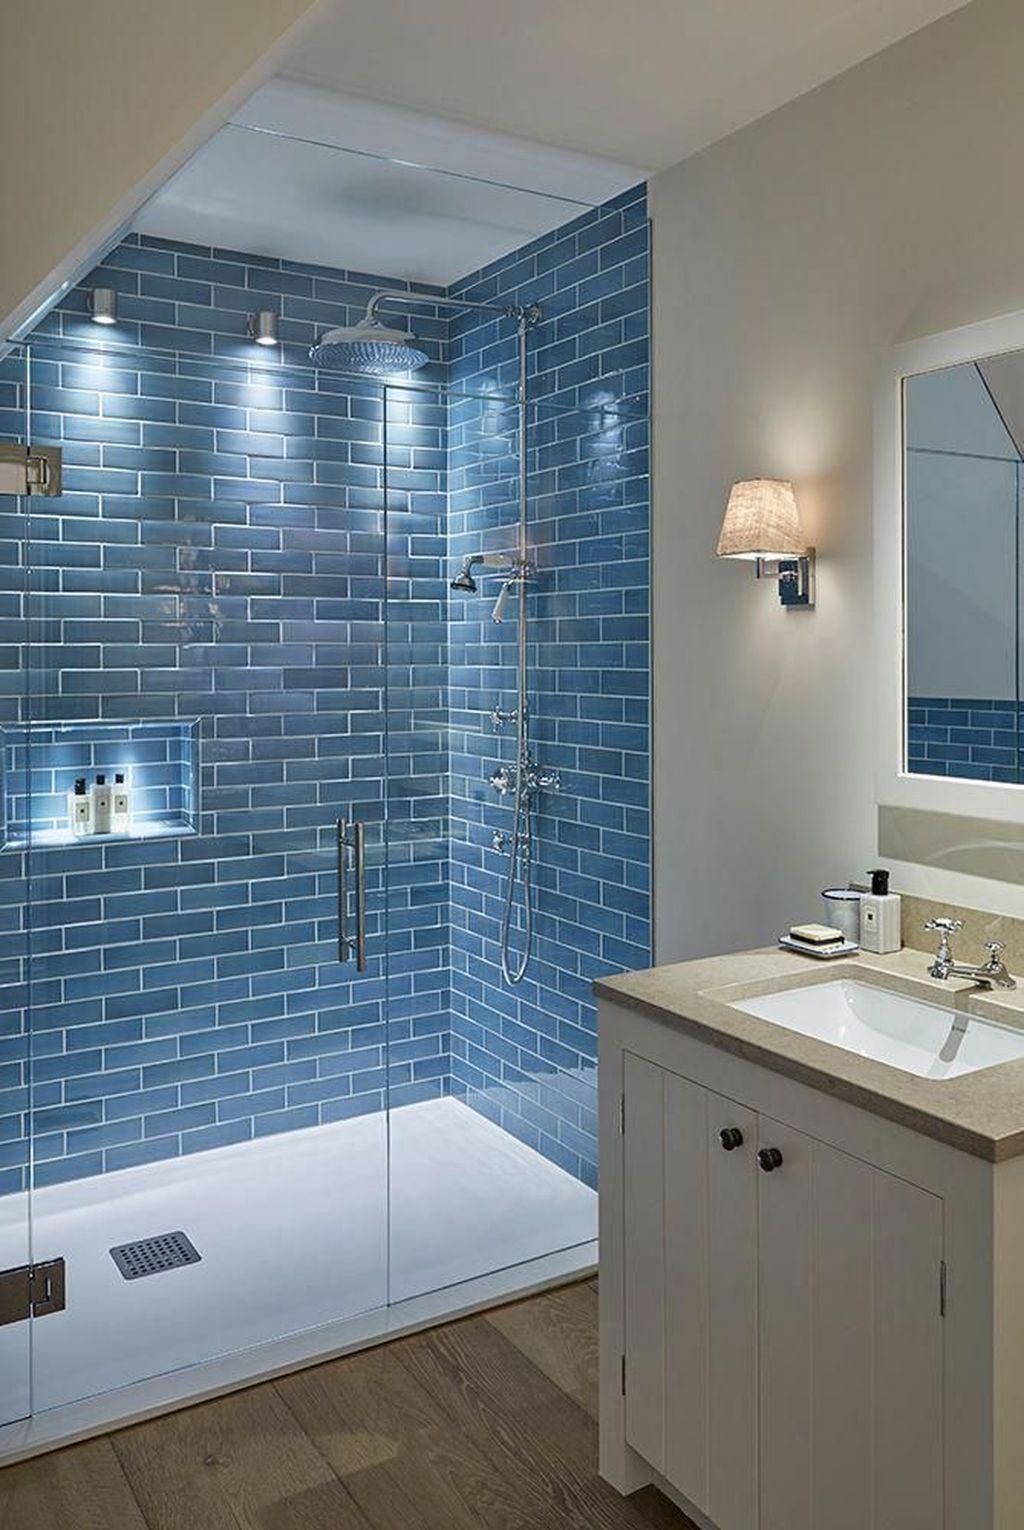 46 amazing bathroom remodel ideas on a budget master on amazing small bathroom designs and ideas id=89235